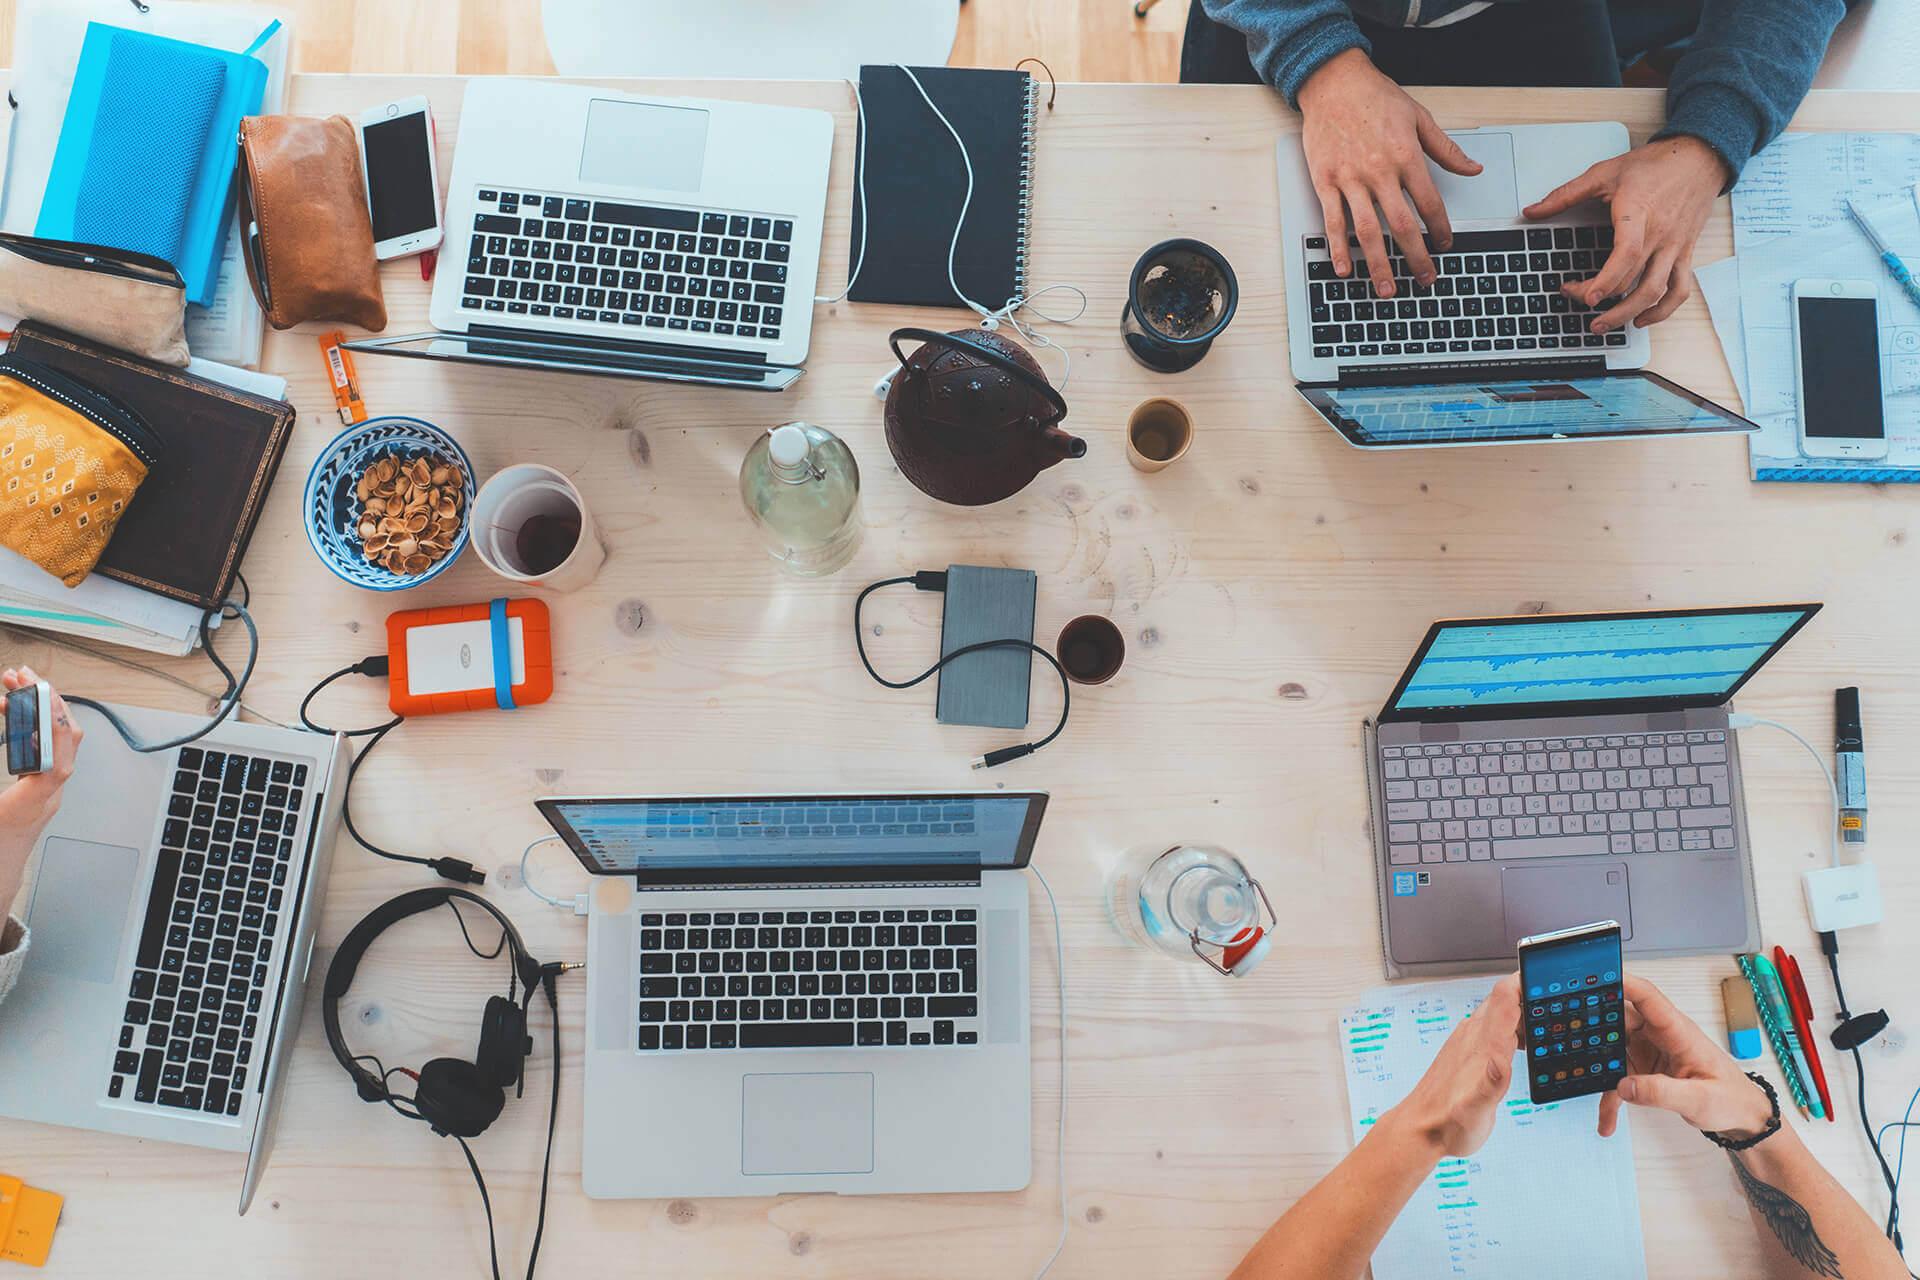 <h2>Komputer</h2> <p>Jaki komputer do nowej firmy?</p> <p>Mamy w ofercie szerokie portfolio komputerów i notebooków od sprawdzonych producentów. <strong>NIE STRESUJ SIĘ</strong> olbrzymim wyborem modeli, konfiguracji, wariantów czy opcji. Nie trać Twojego cennego czasu na szukanie informacji i przeczesywanie setek ofert.</p> <p>Zostaw to nam a my pomożemy dobrać sprzęt idealny do Twoich potrzeb i na miarę Twojego budżetu. <strong>Powiedz nam co chcesz robić i czego oczekujesz od sprzętu a dobierzemy idealnie dopasowany model z optymalną konfiguracją.</strong></p>